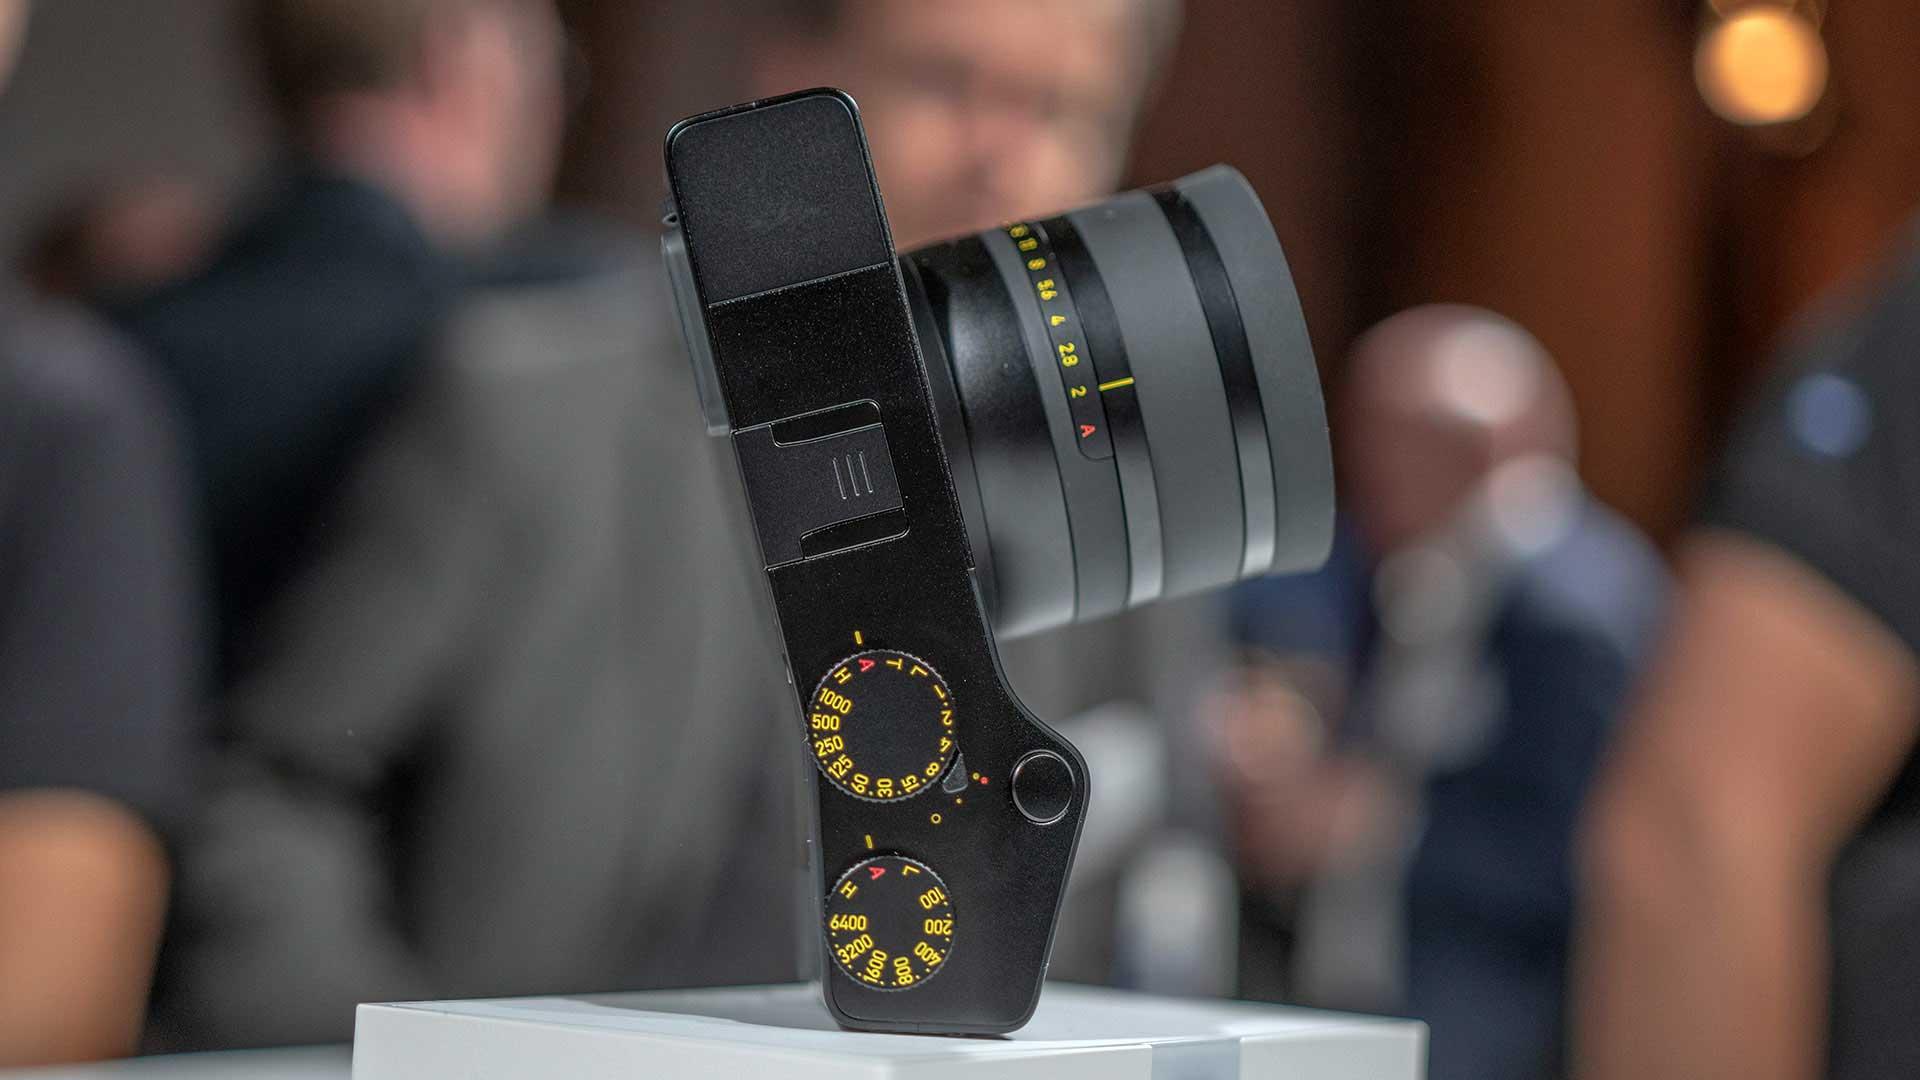 دوربین فول فریم اندوریدی Zeiss ZX1 به قیمت ۶۰۰۰ دلار برای پیش خرید ارایه شد